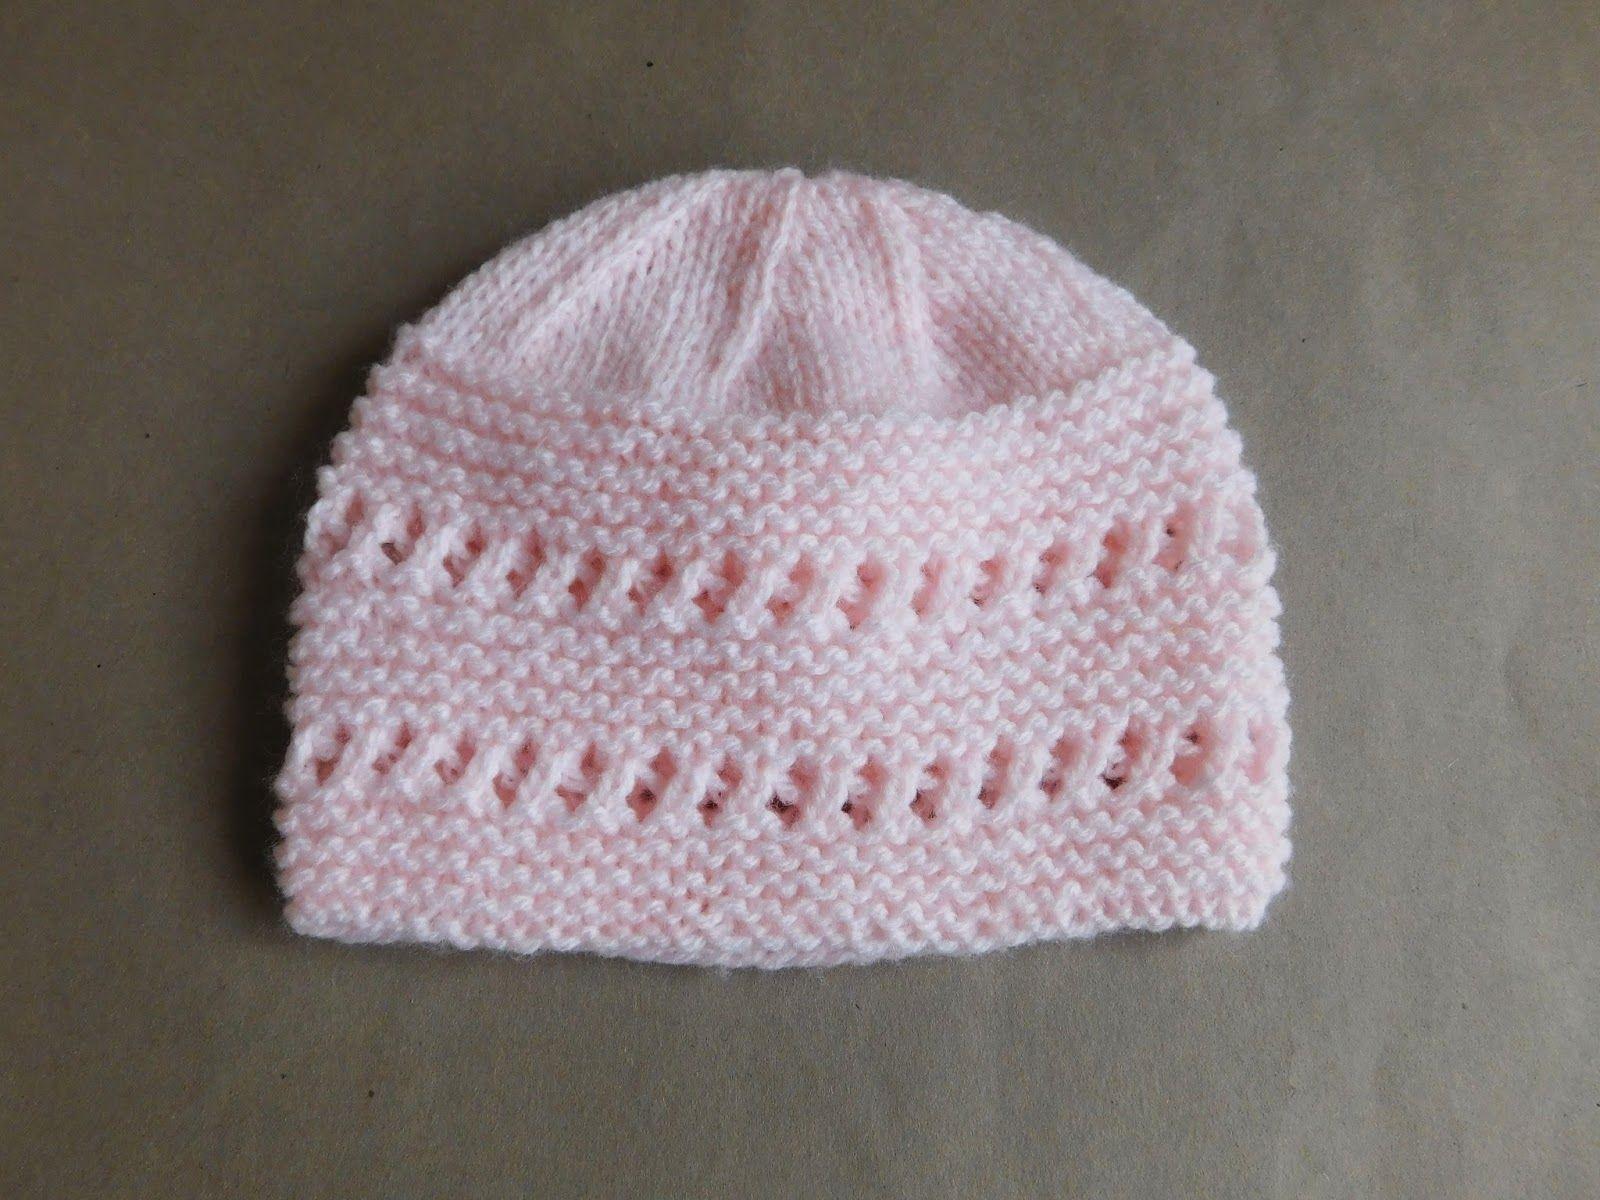 marianna\'s lazy daisy days - Jasmine Baby hat. Free pattern. | Yarn ...